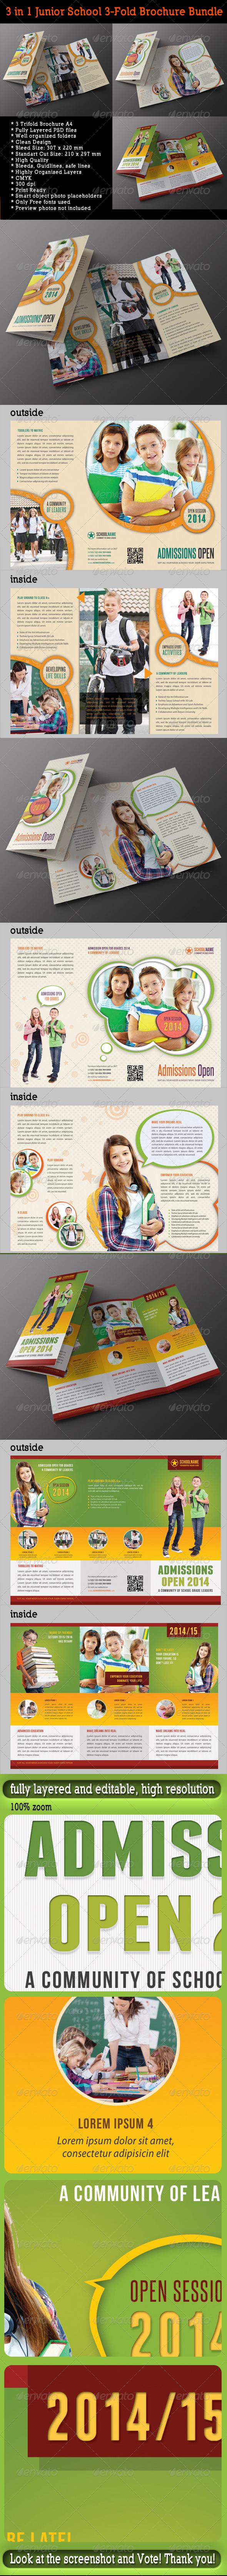 GraphicRiver 3 in 1 Junior School Promotion Brochure Bundle 01 7721129